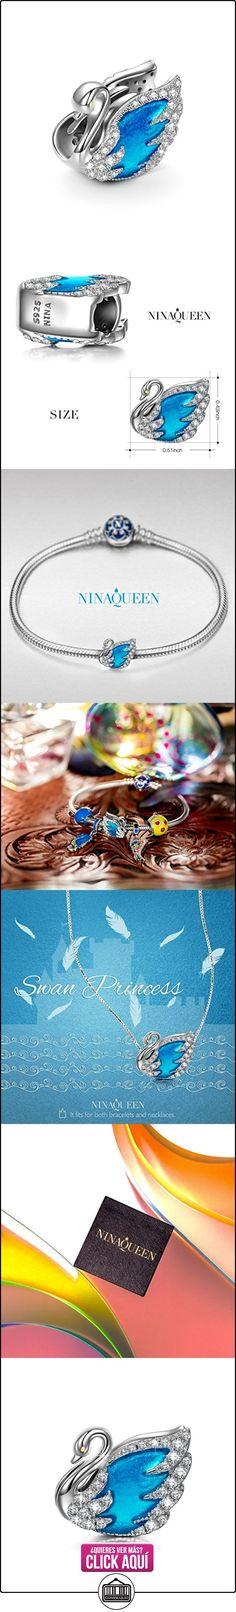 NinaQueen Princesa cisne Abalorio de mujer de plata de ley Charms beads fit Pandora pulseras  ✿ Joyas para mujer - Las mejores ofertas ✿ ▬► Ver oferta: https://comprar.io/goto/B01IVI369O